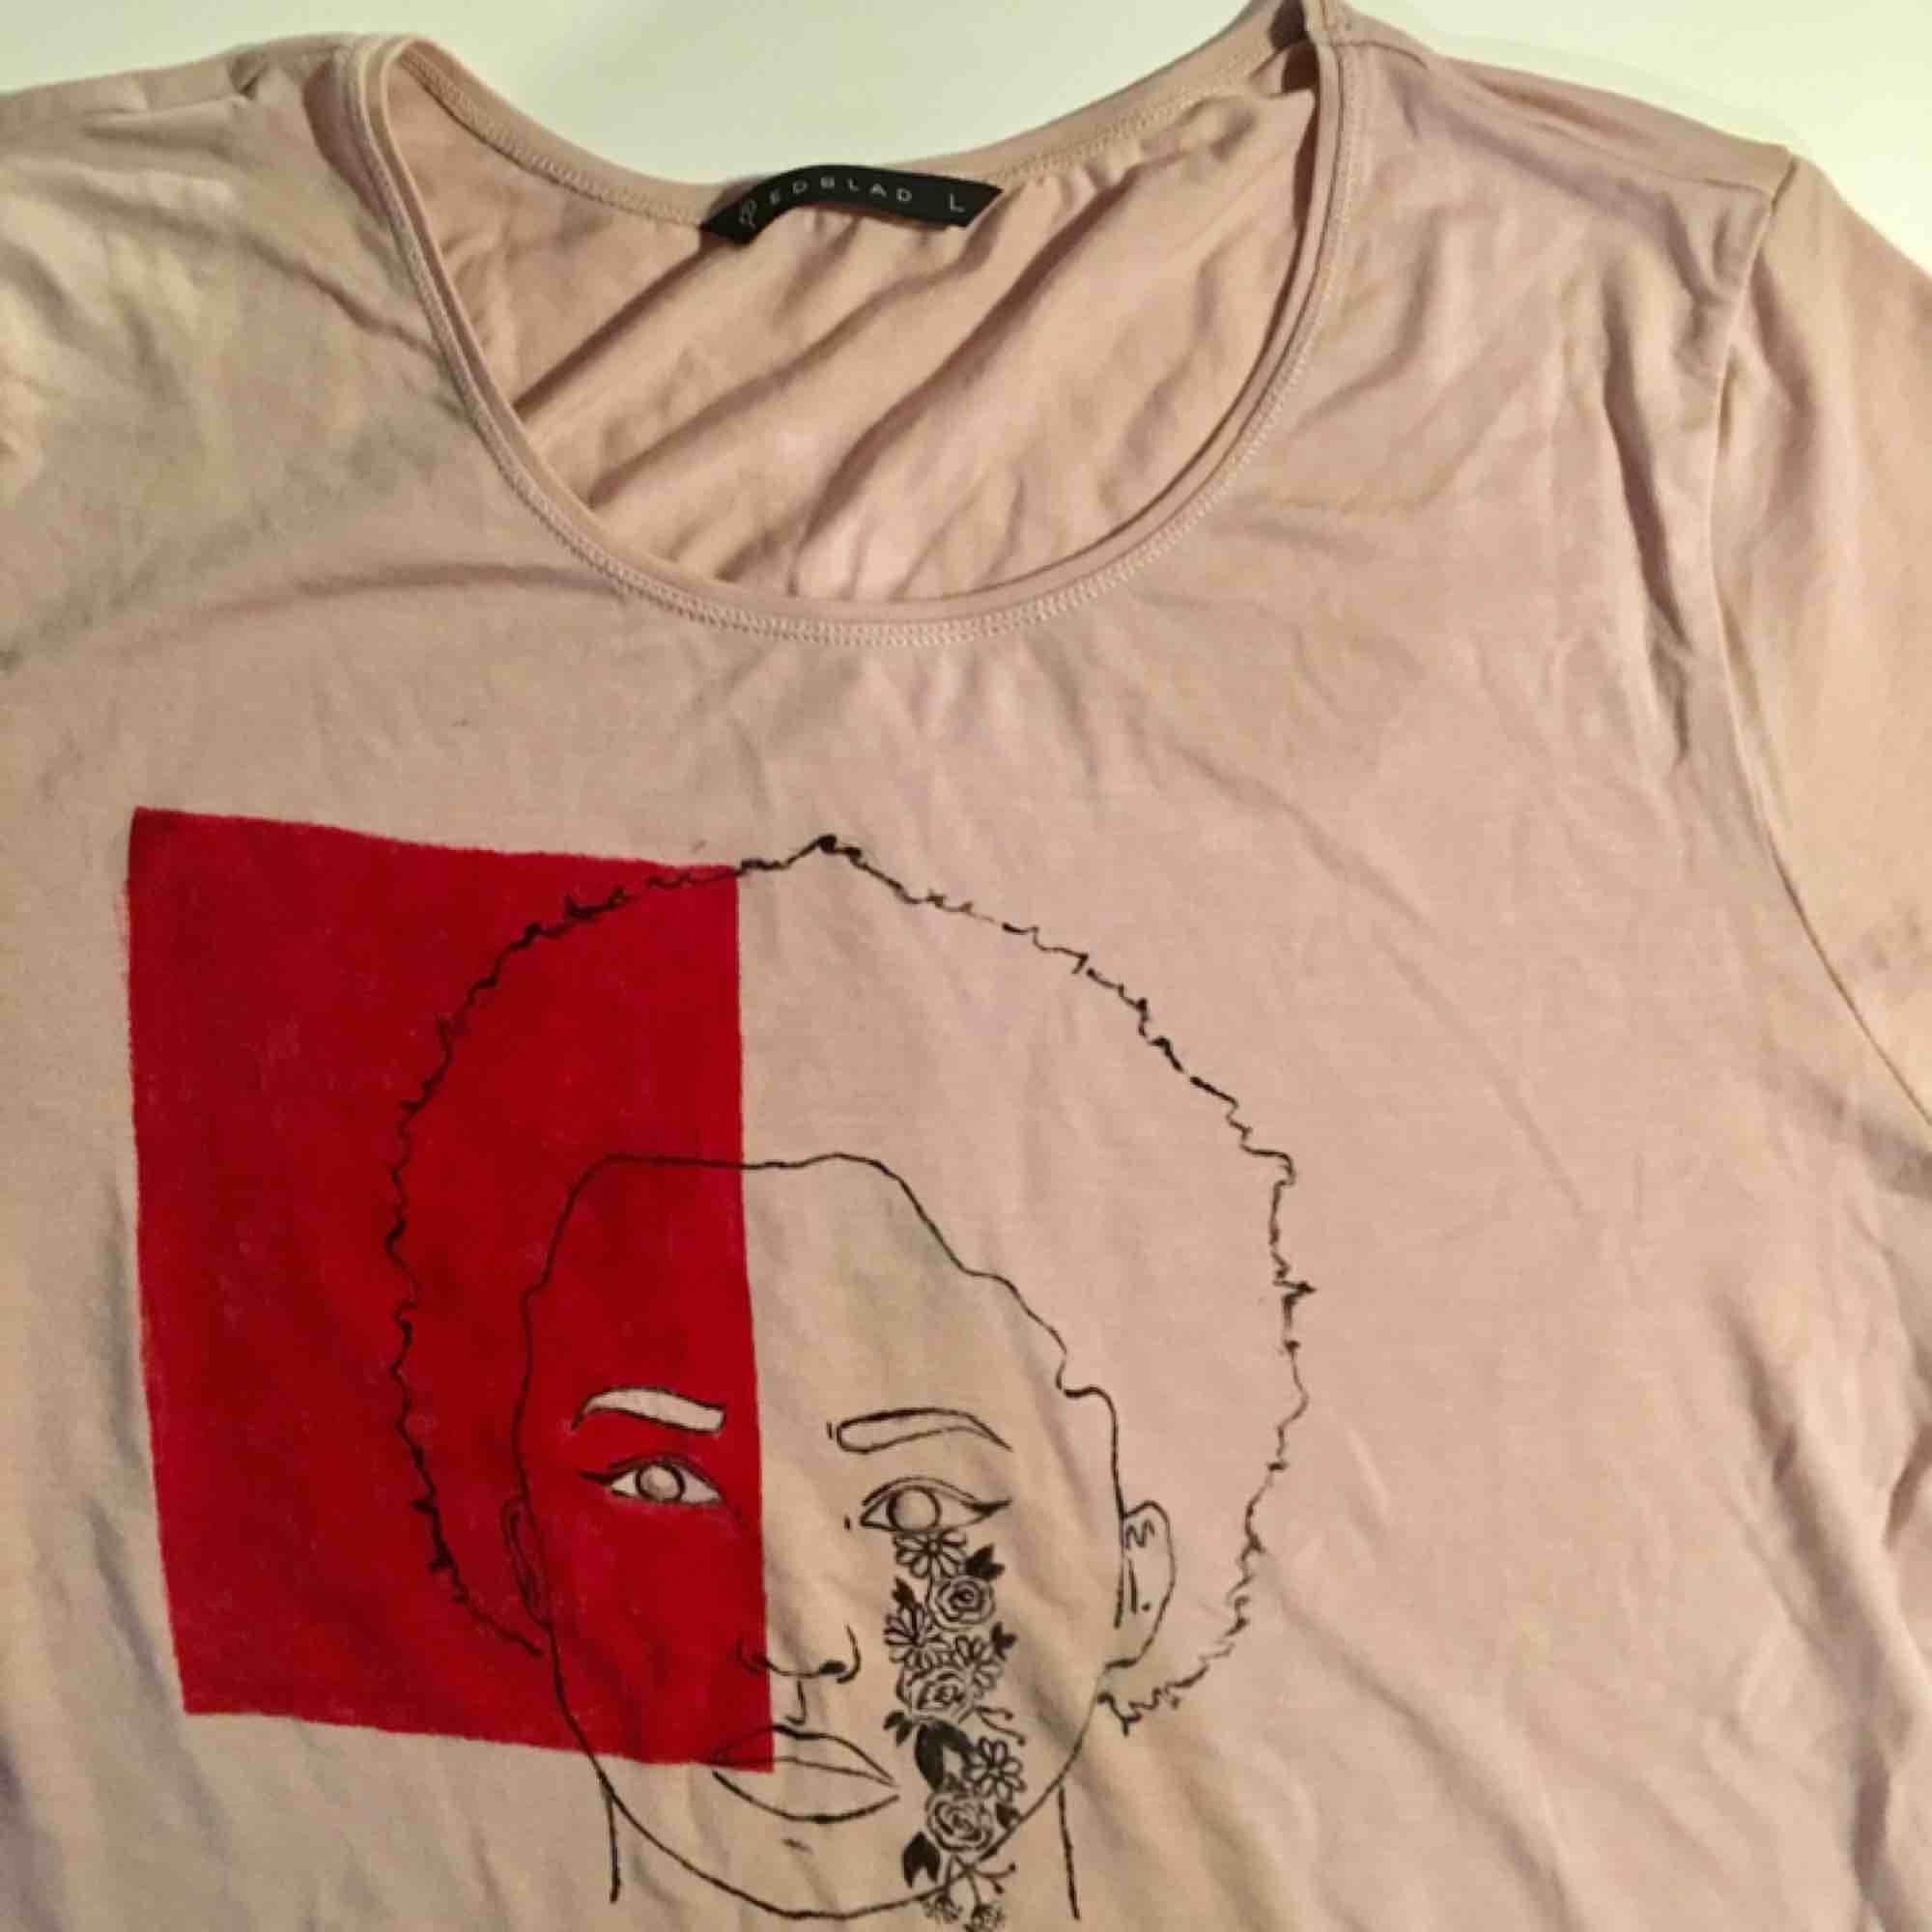 Det här är en tröja som jag har målat själv, märket på tröjan är Edblad och den är en basic ljusrosa T-shirt som kostar ca 400 i nypris därav kommer mitt pris❤️ Går att tvätta i 40 grader. jag kan mötas upp eller frakta❤️. T-shirts.